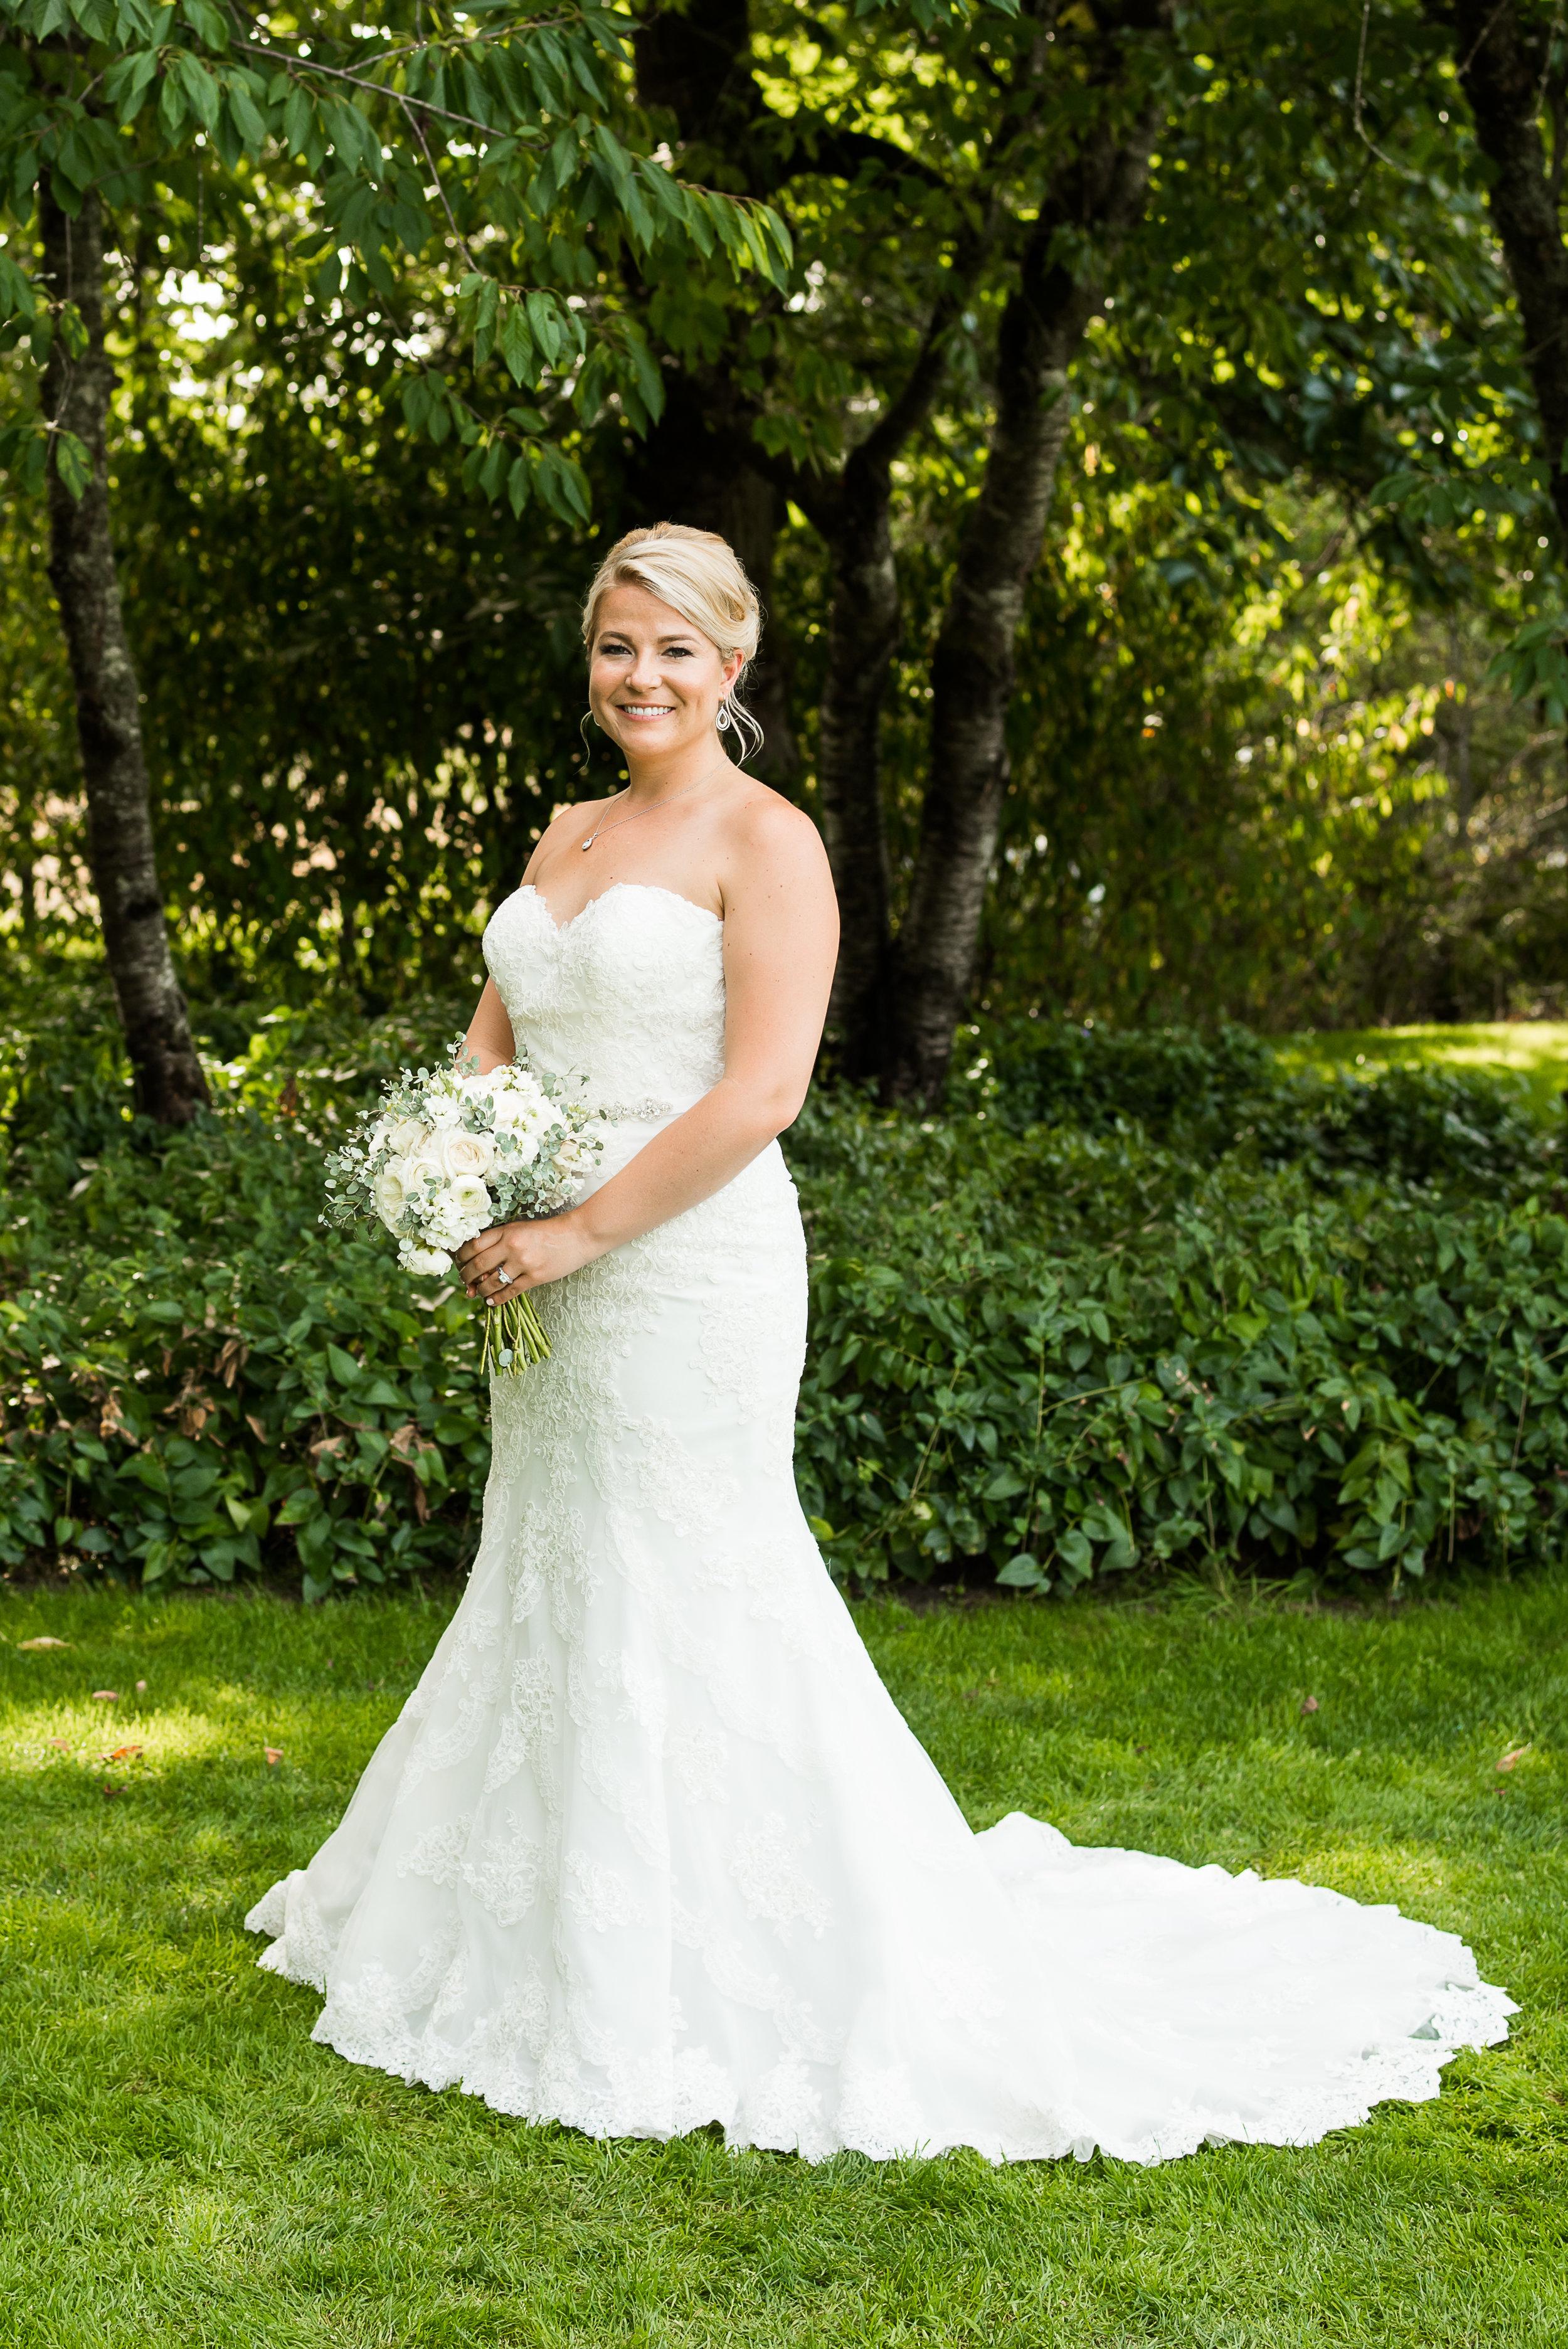 HA-wedding-Van-Wyhe-Photography-264.jpg